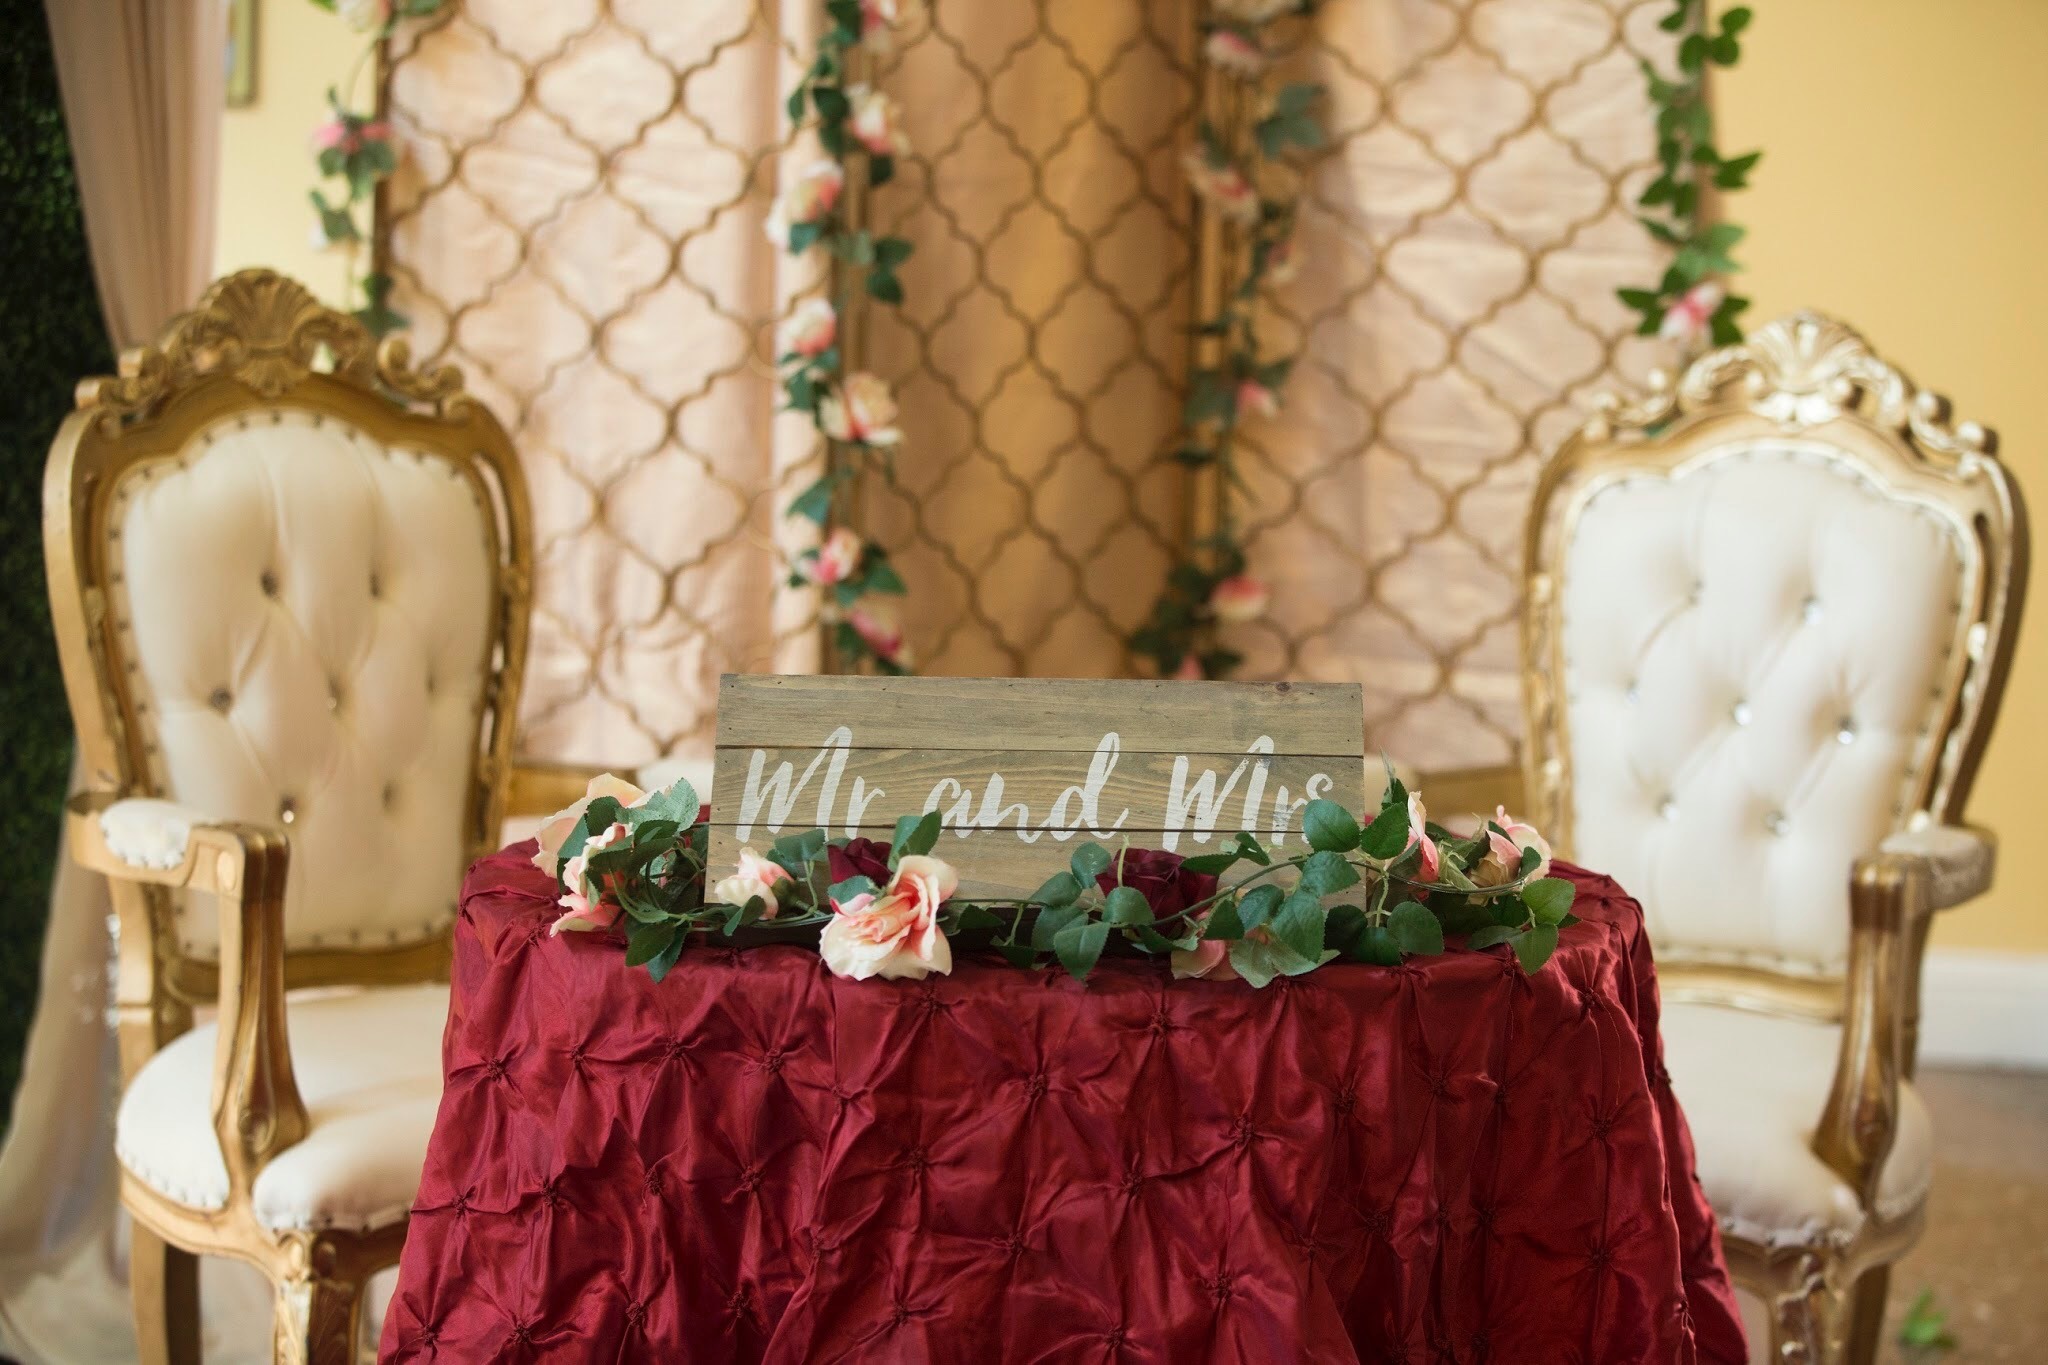 Sikh Wedding Ceremony & Gurdwara Decor